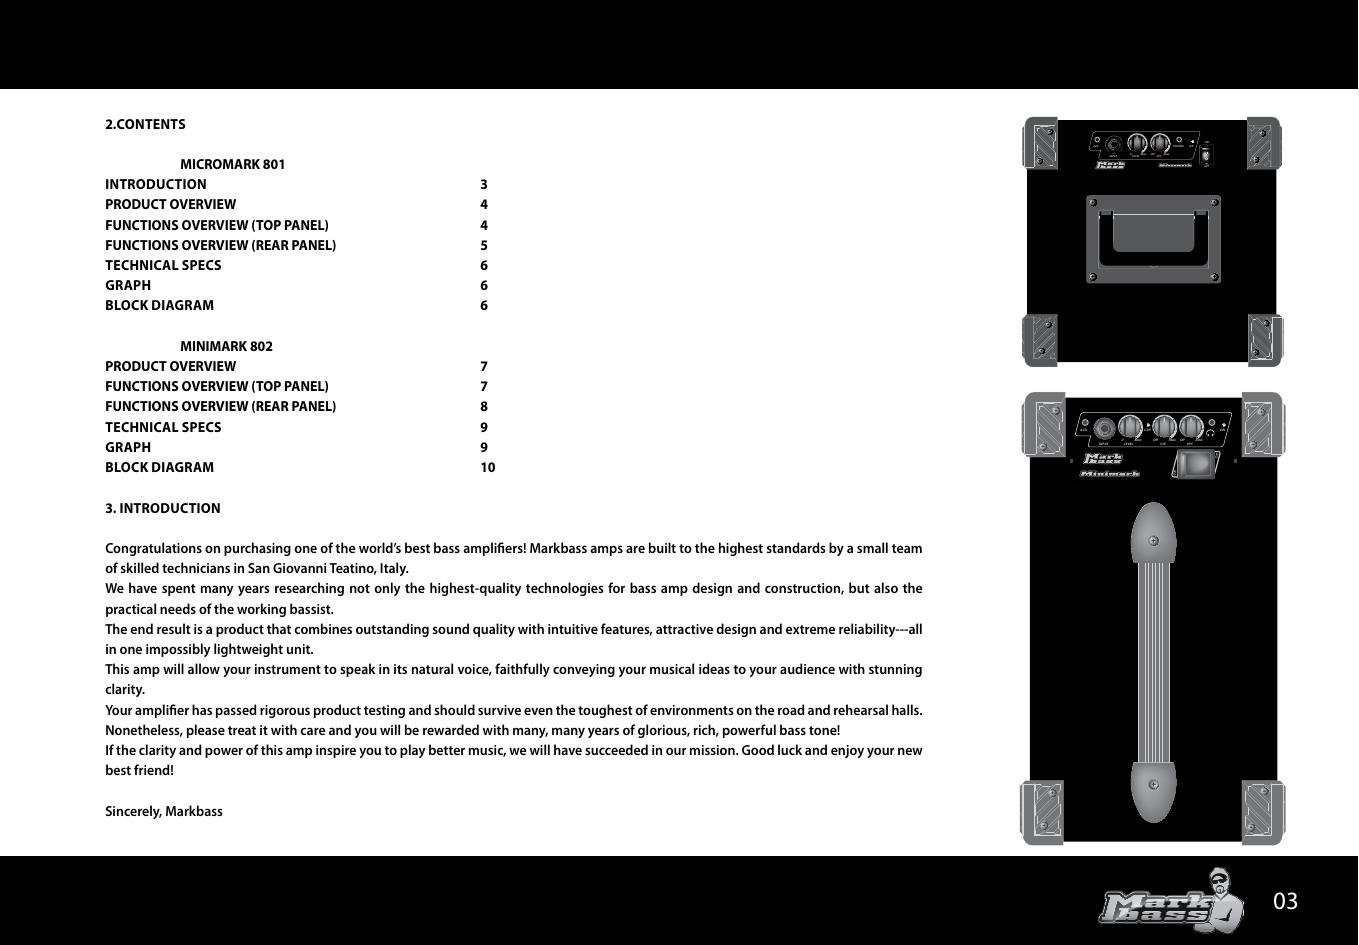 Markbass Micromark 801 Owners Manual Avan Av Headset Headphone Page 3 Of 12